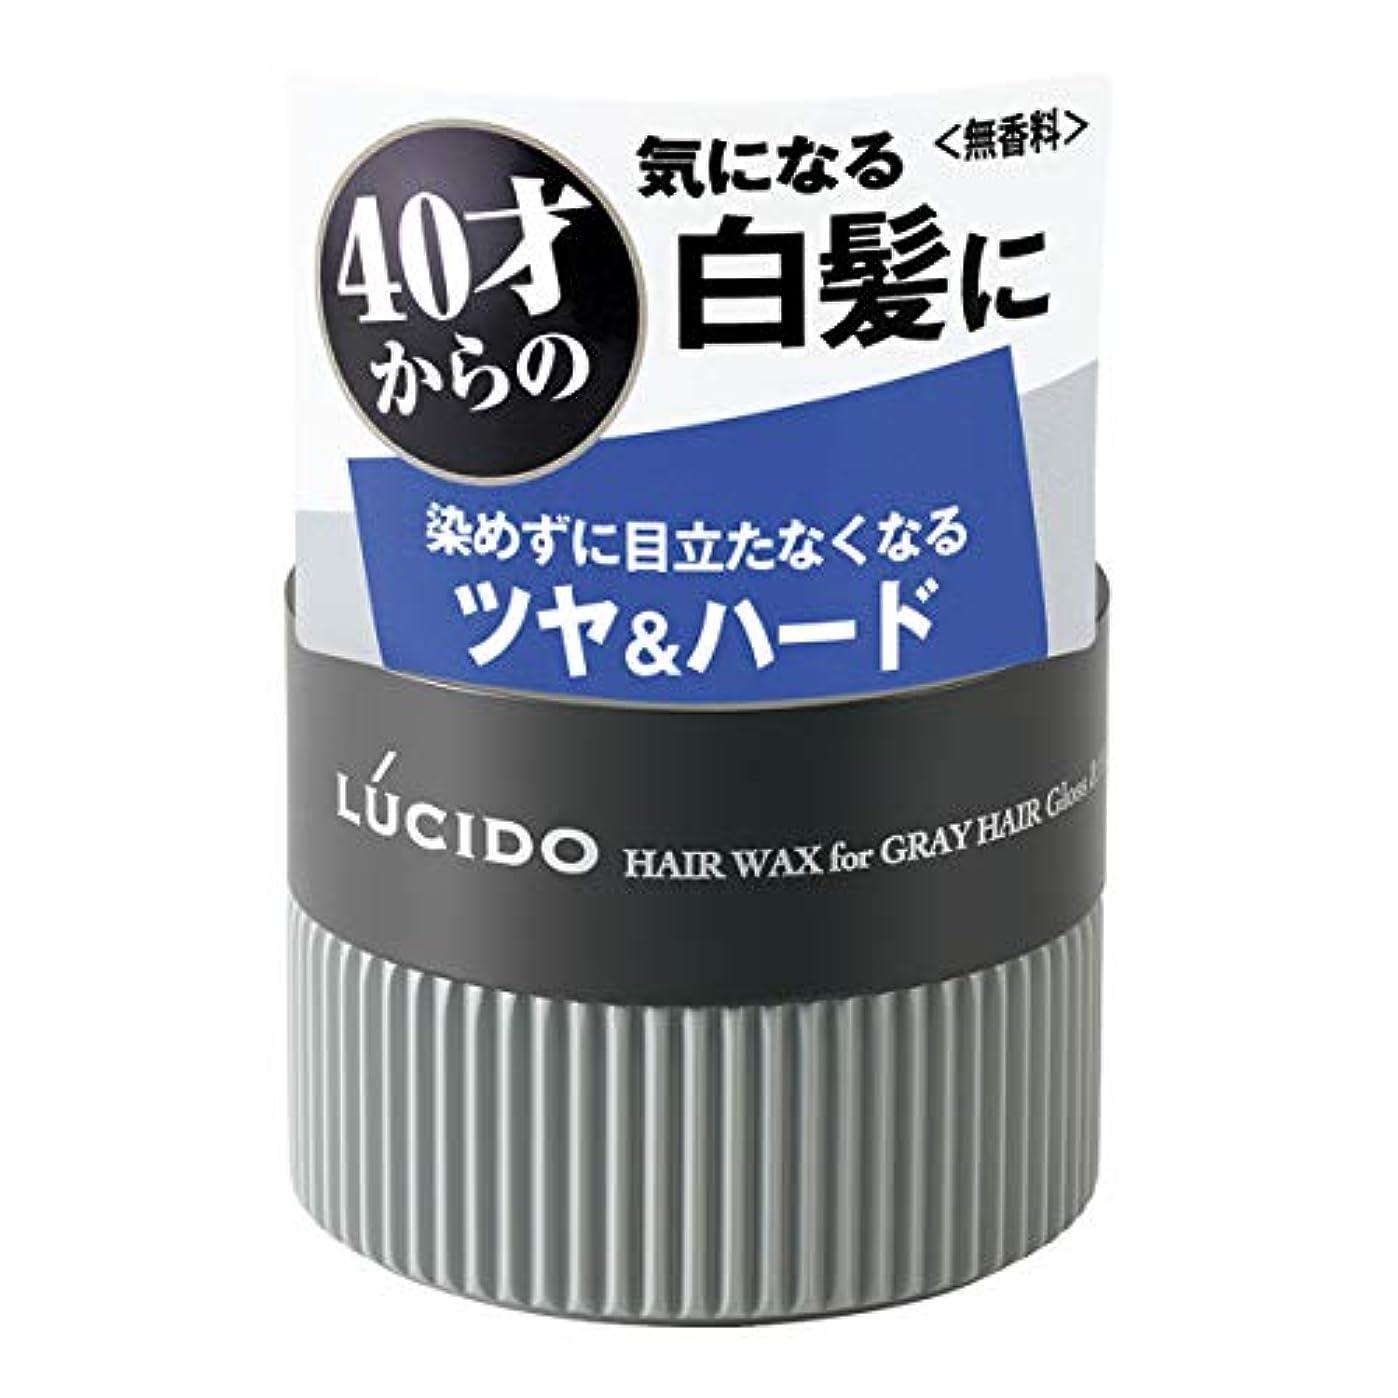 かる連隊サドルLUCIDO(ルシード) ヘアワックス 白髪用ワックス グロス&ハード 80g